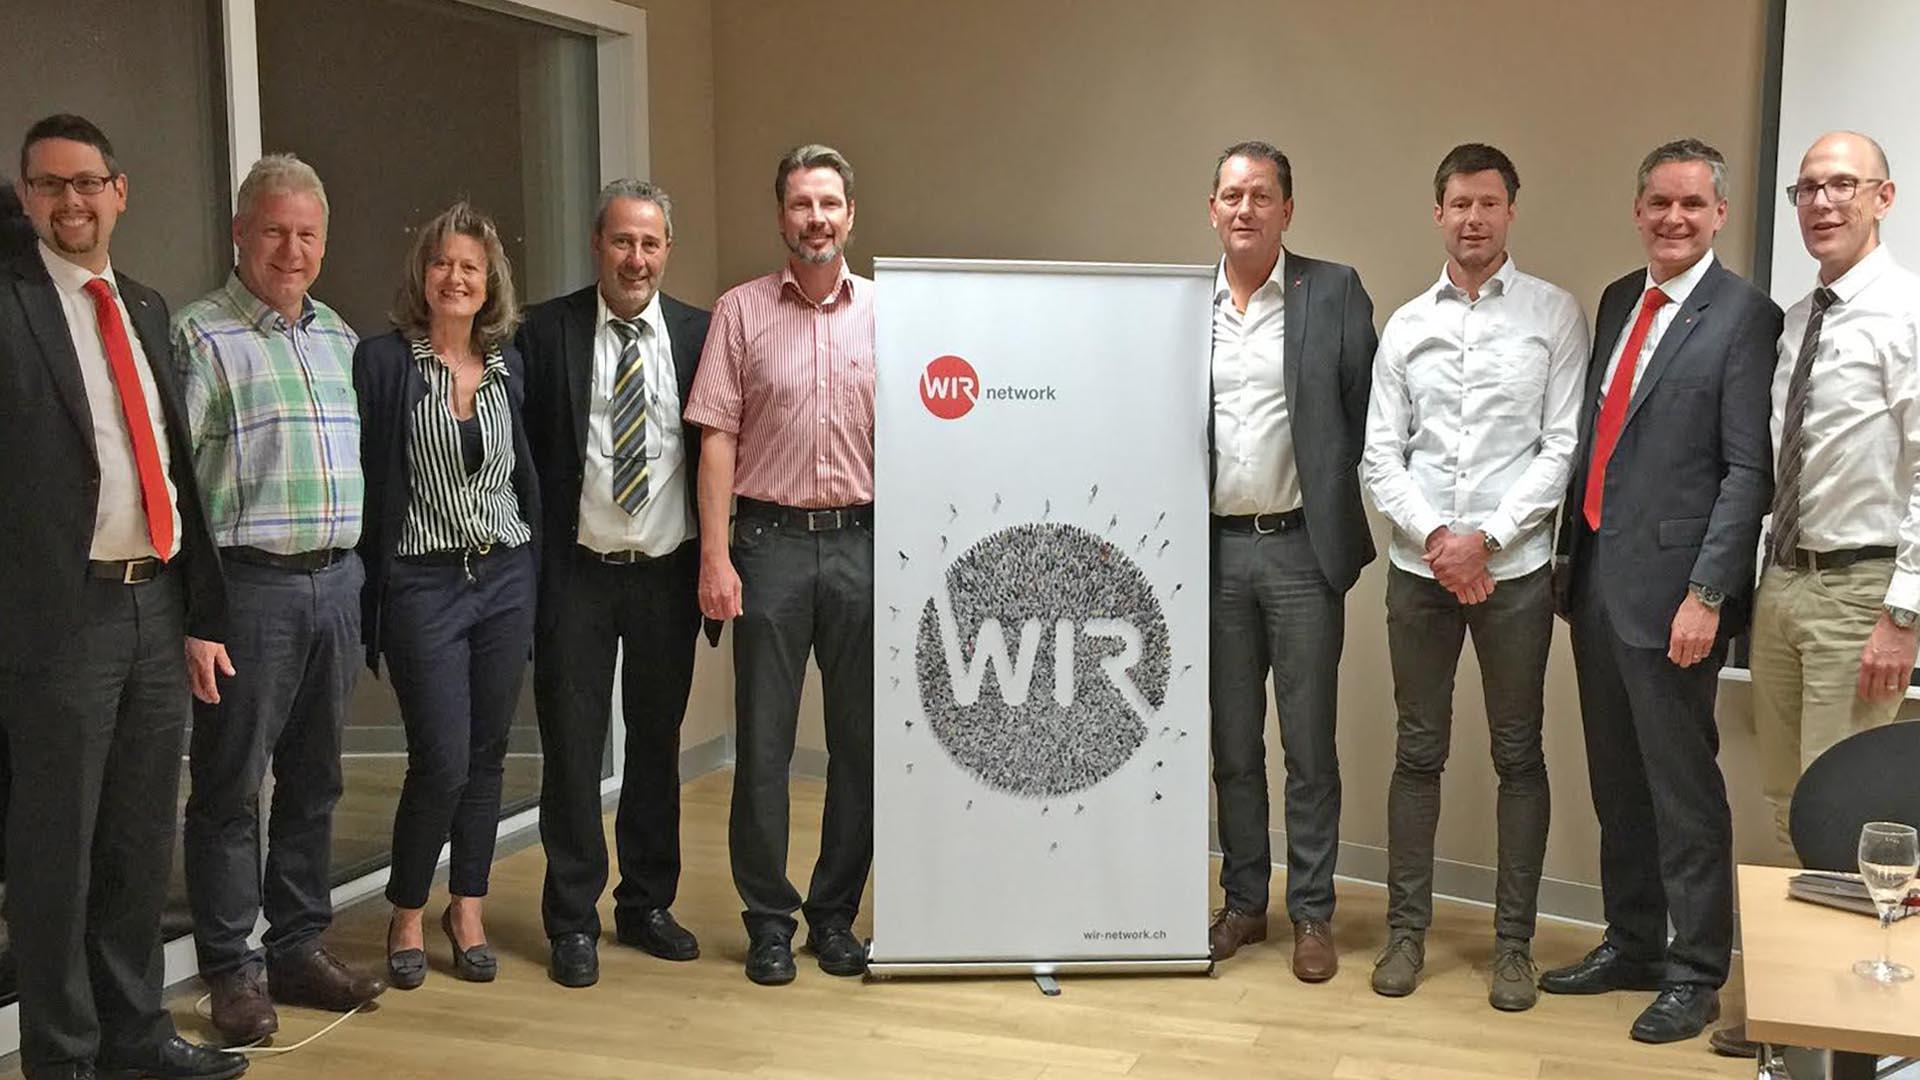 Nach acht Jahren gibt Meinrad Fussen das Präsidialamt des Wir-Networks ... - radio rottu oberwallis